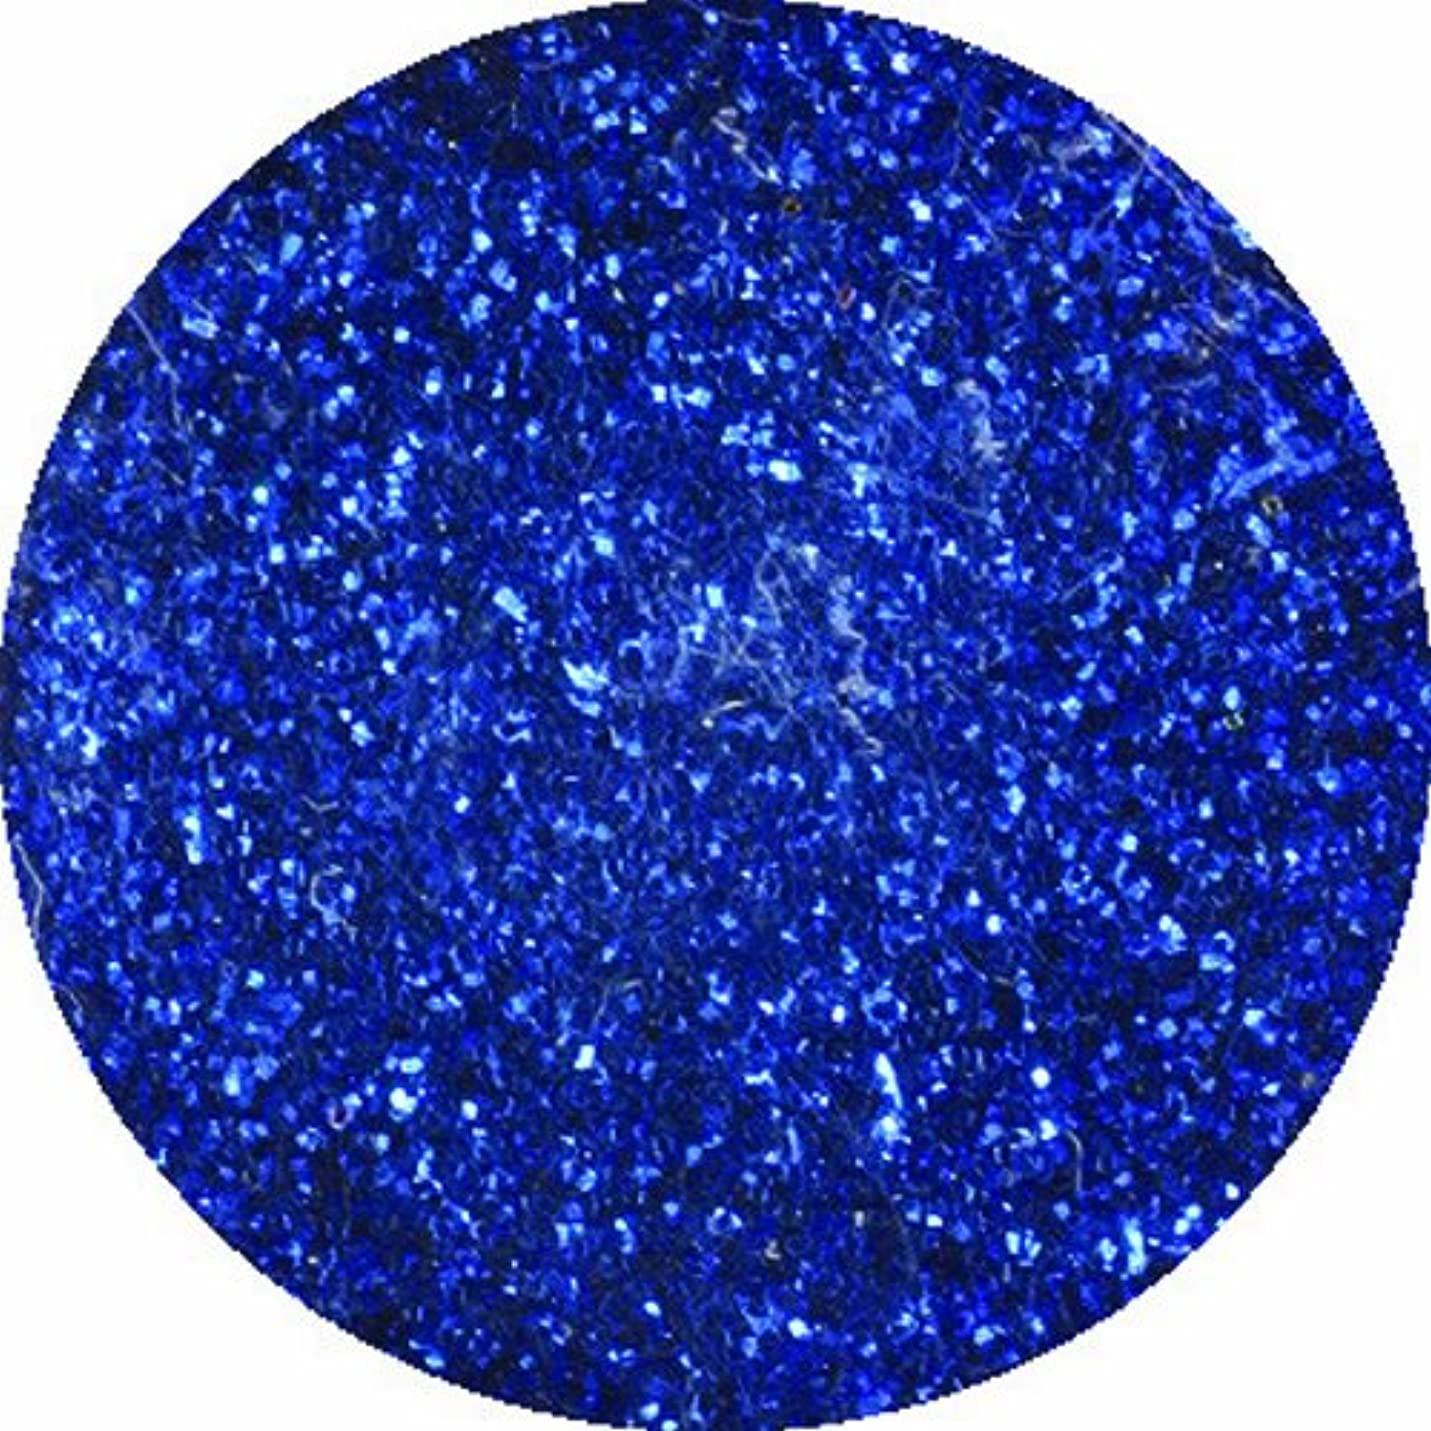 主張するそのきれいにビューティーネイラー ネイル用パウダー 黒崎えり子 ジュエリーコレクション ブルー0.05mm